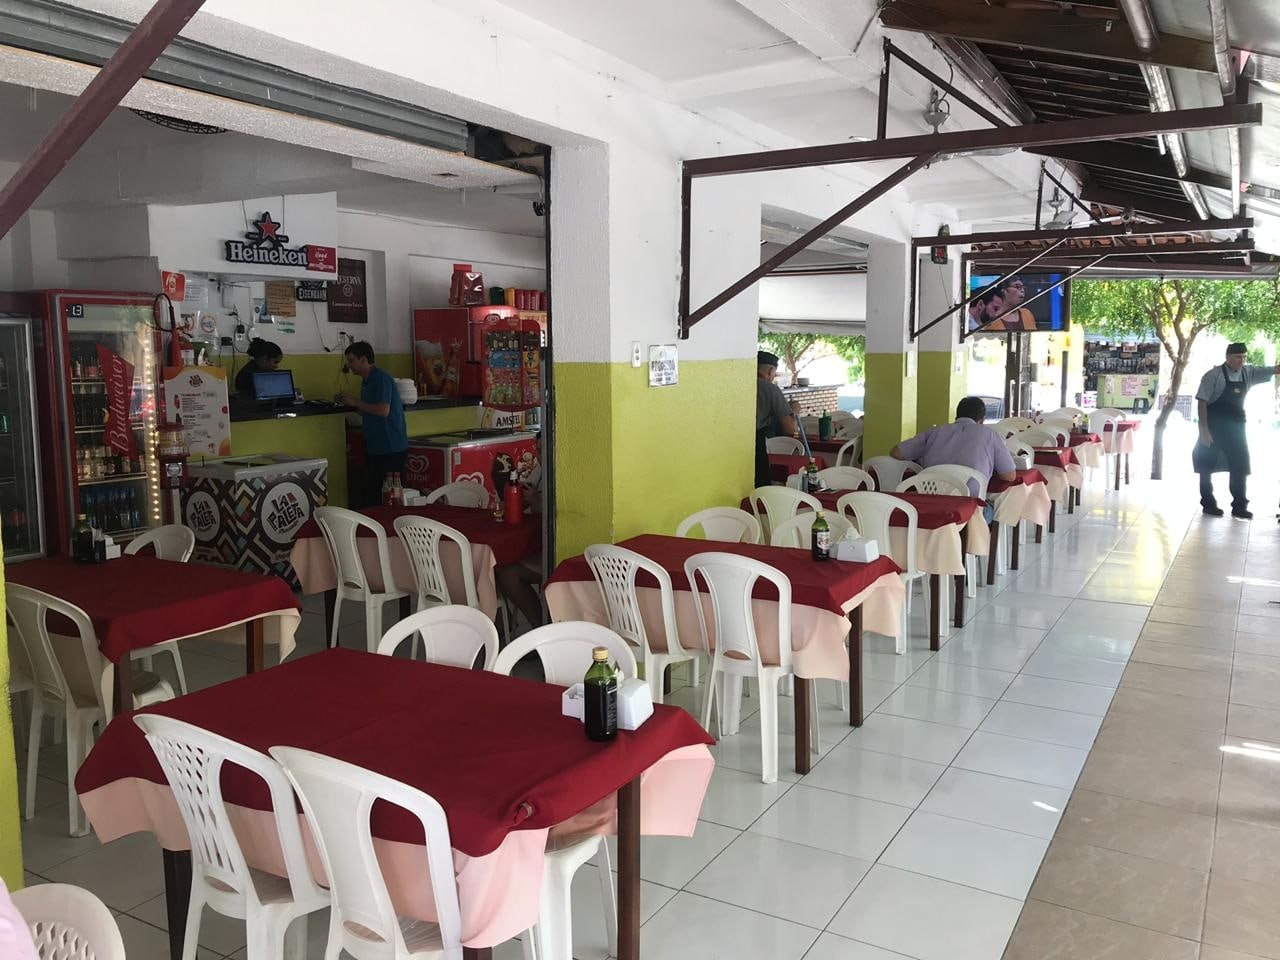 Picanha Suina para 2 pessoas (Baião 840g, Batata Frita 150g, 400g de picanha suina) de R$36,90 por apenas R$29,90